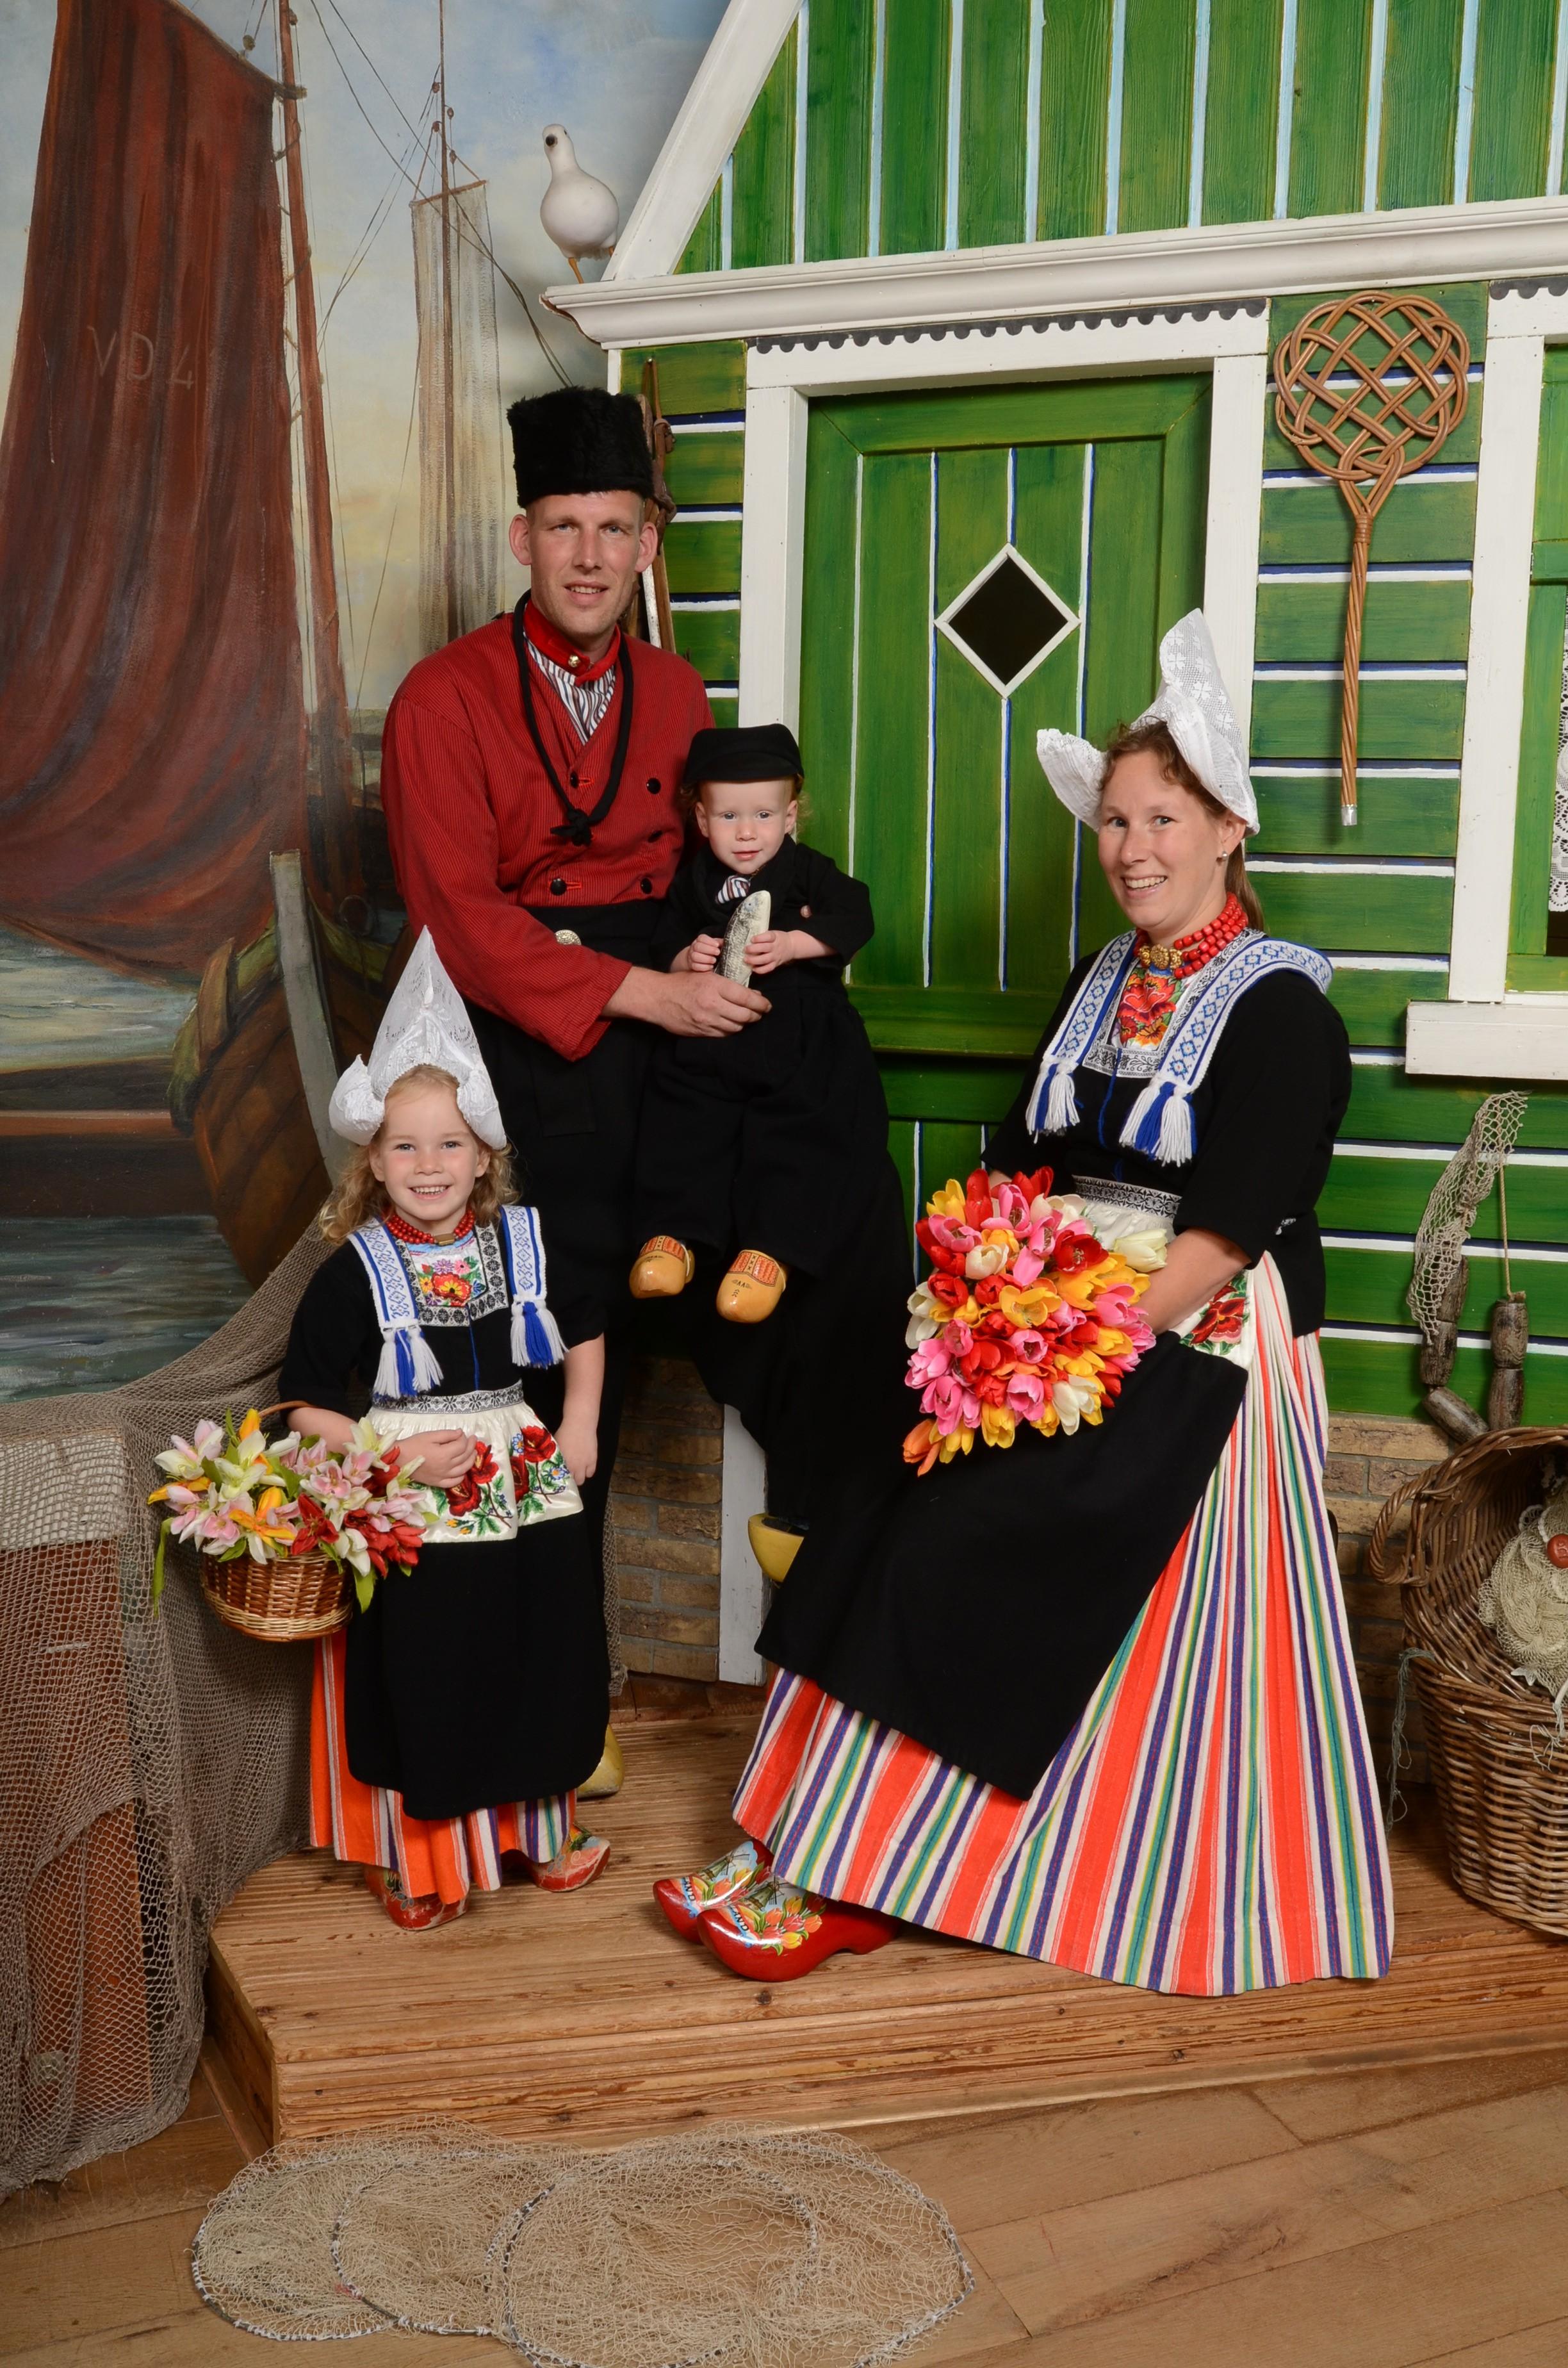 Family in Volendam costume